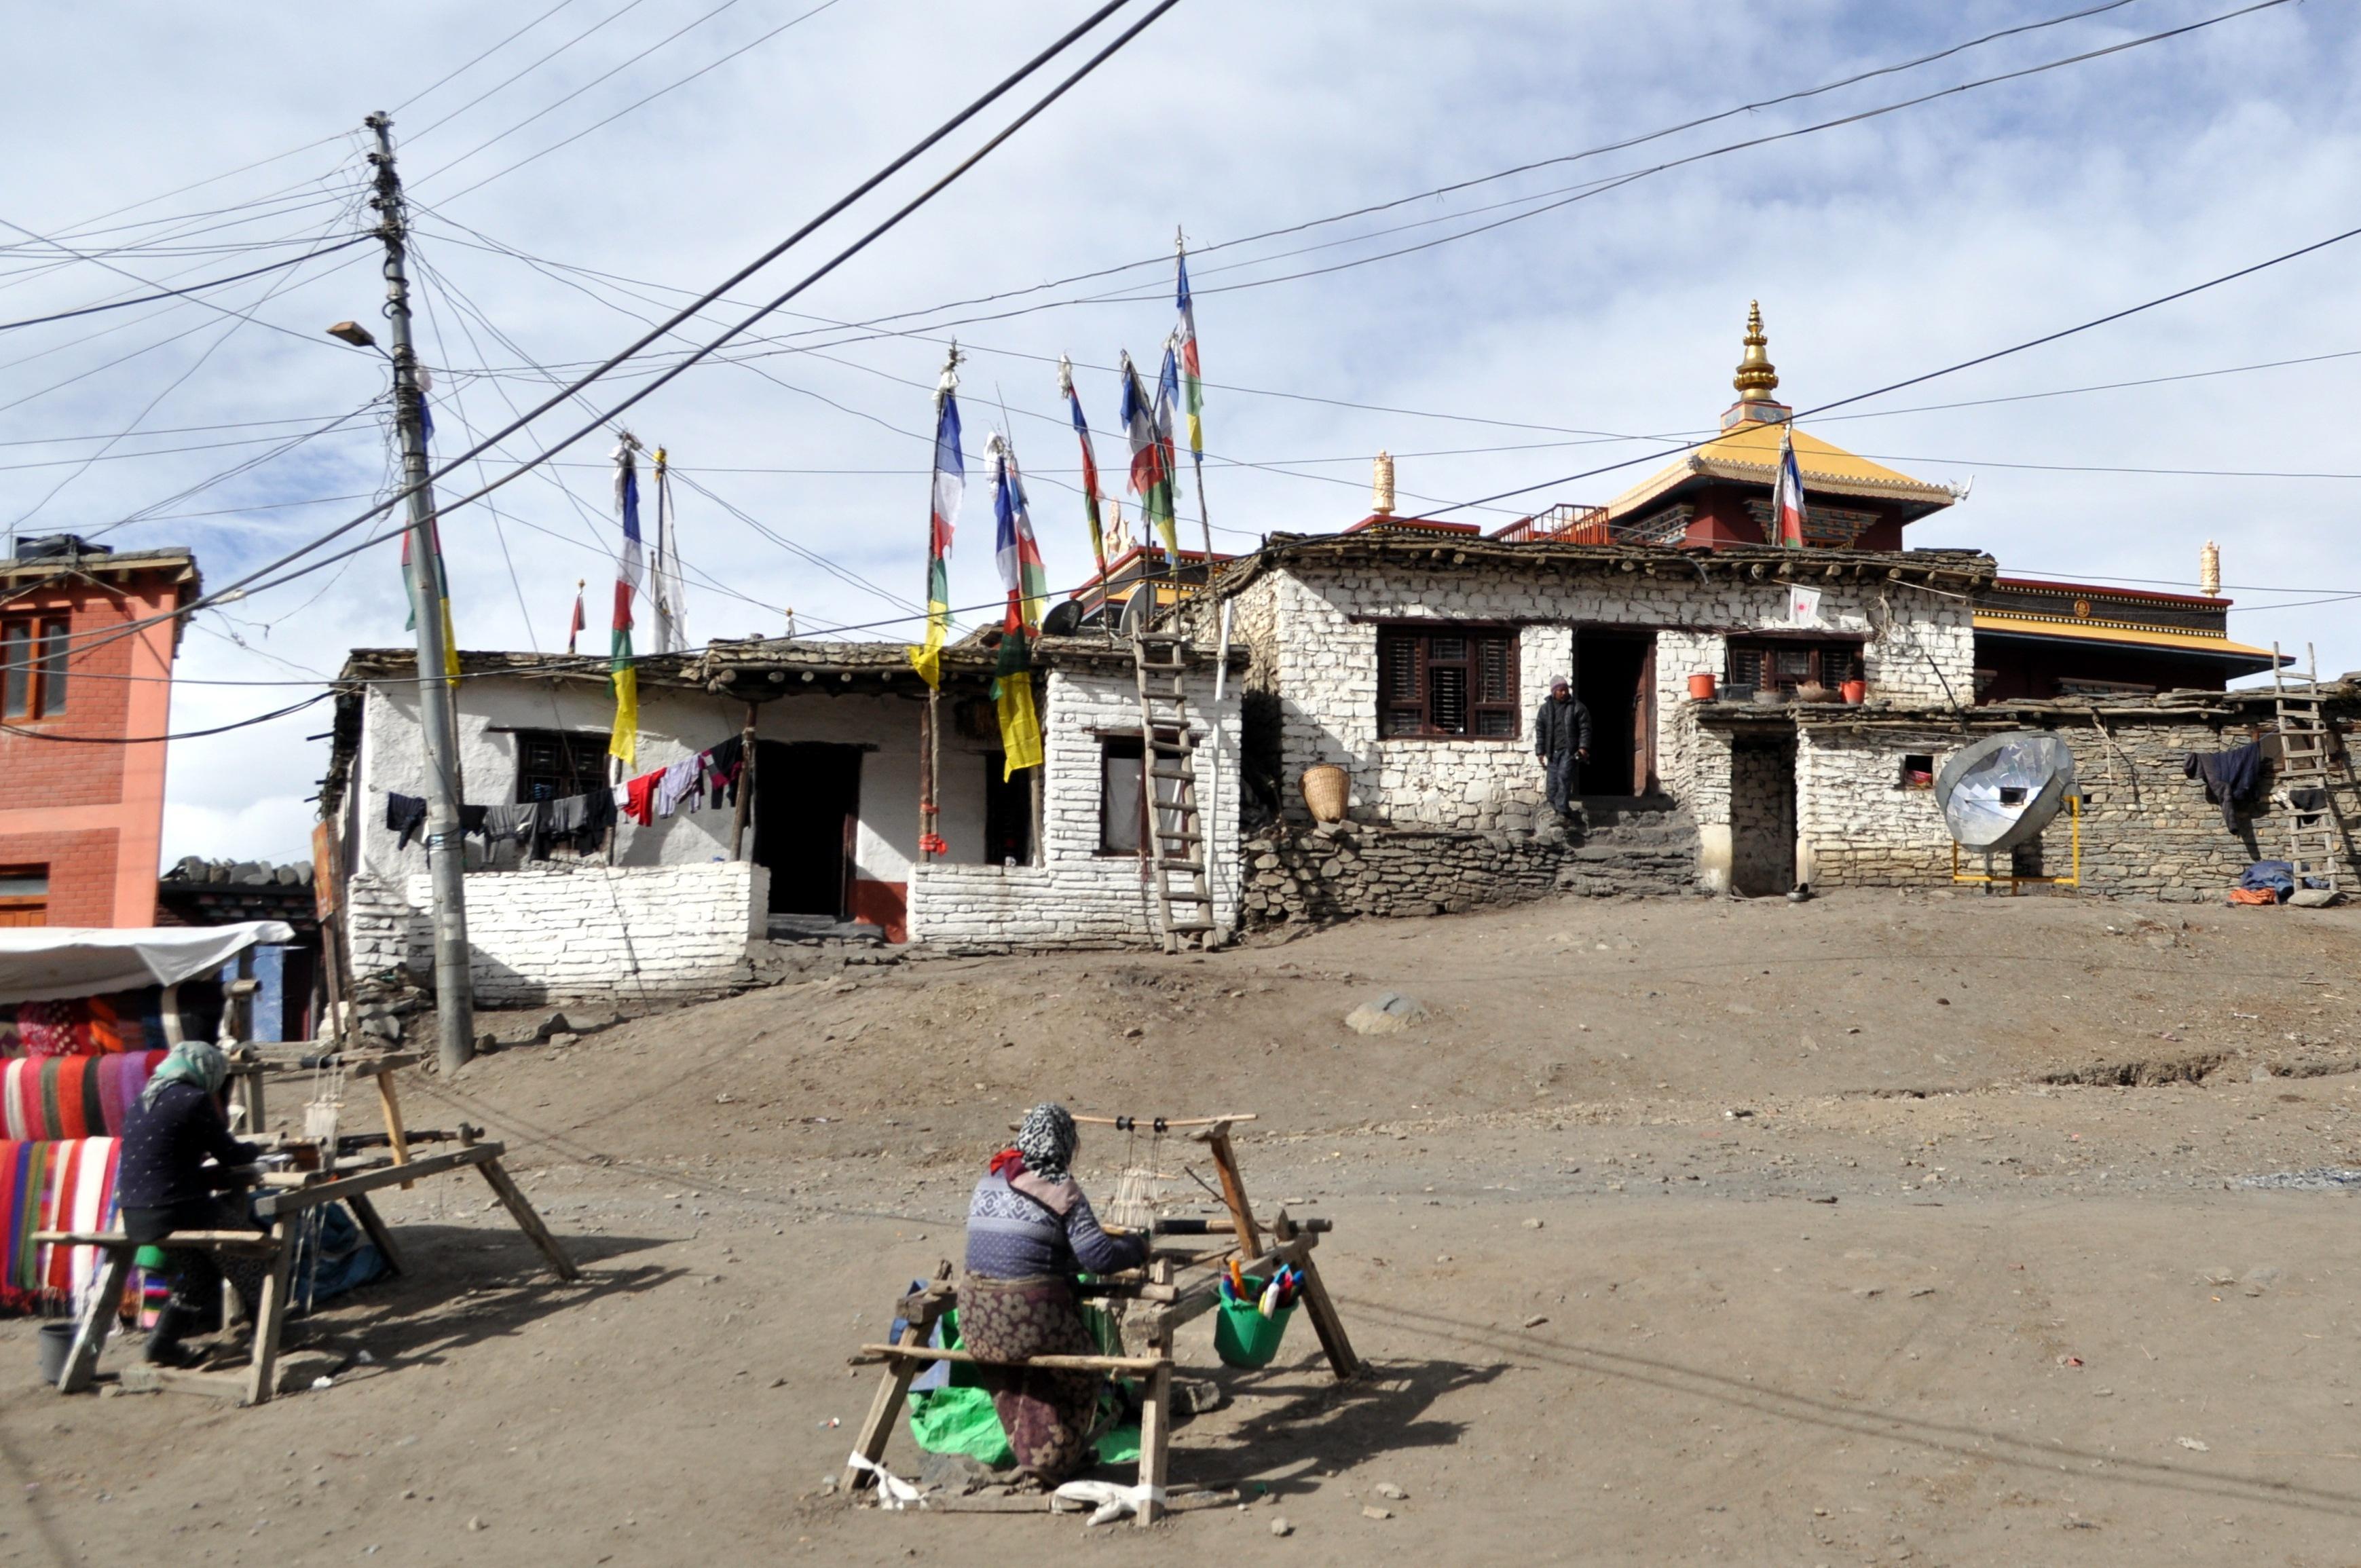 donne filano sciarpe e stole in lana, sulla strada principale di Muktinath